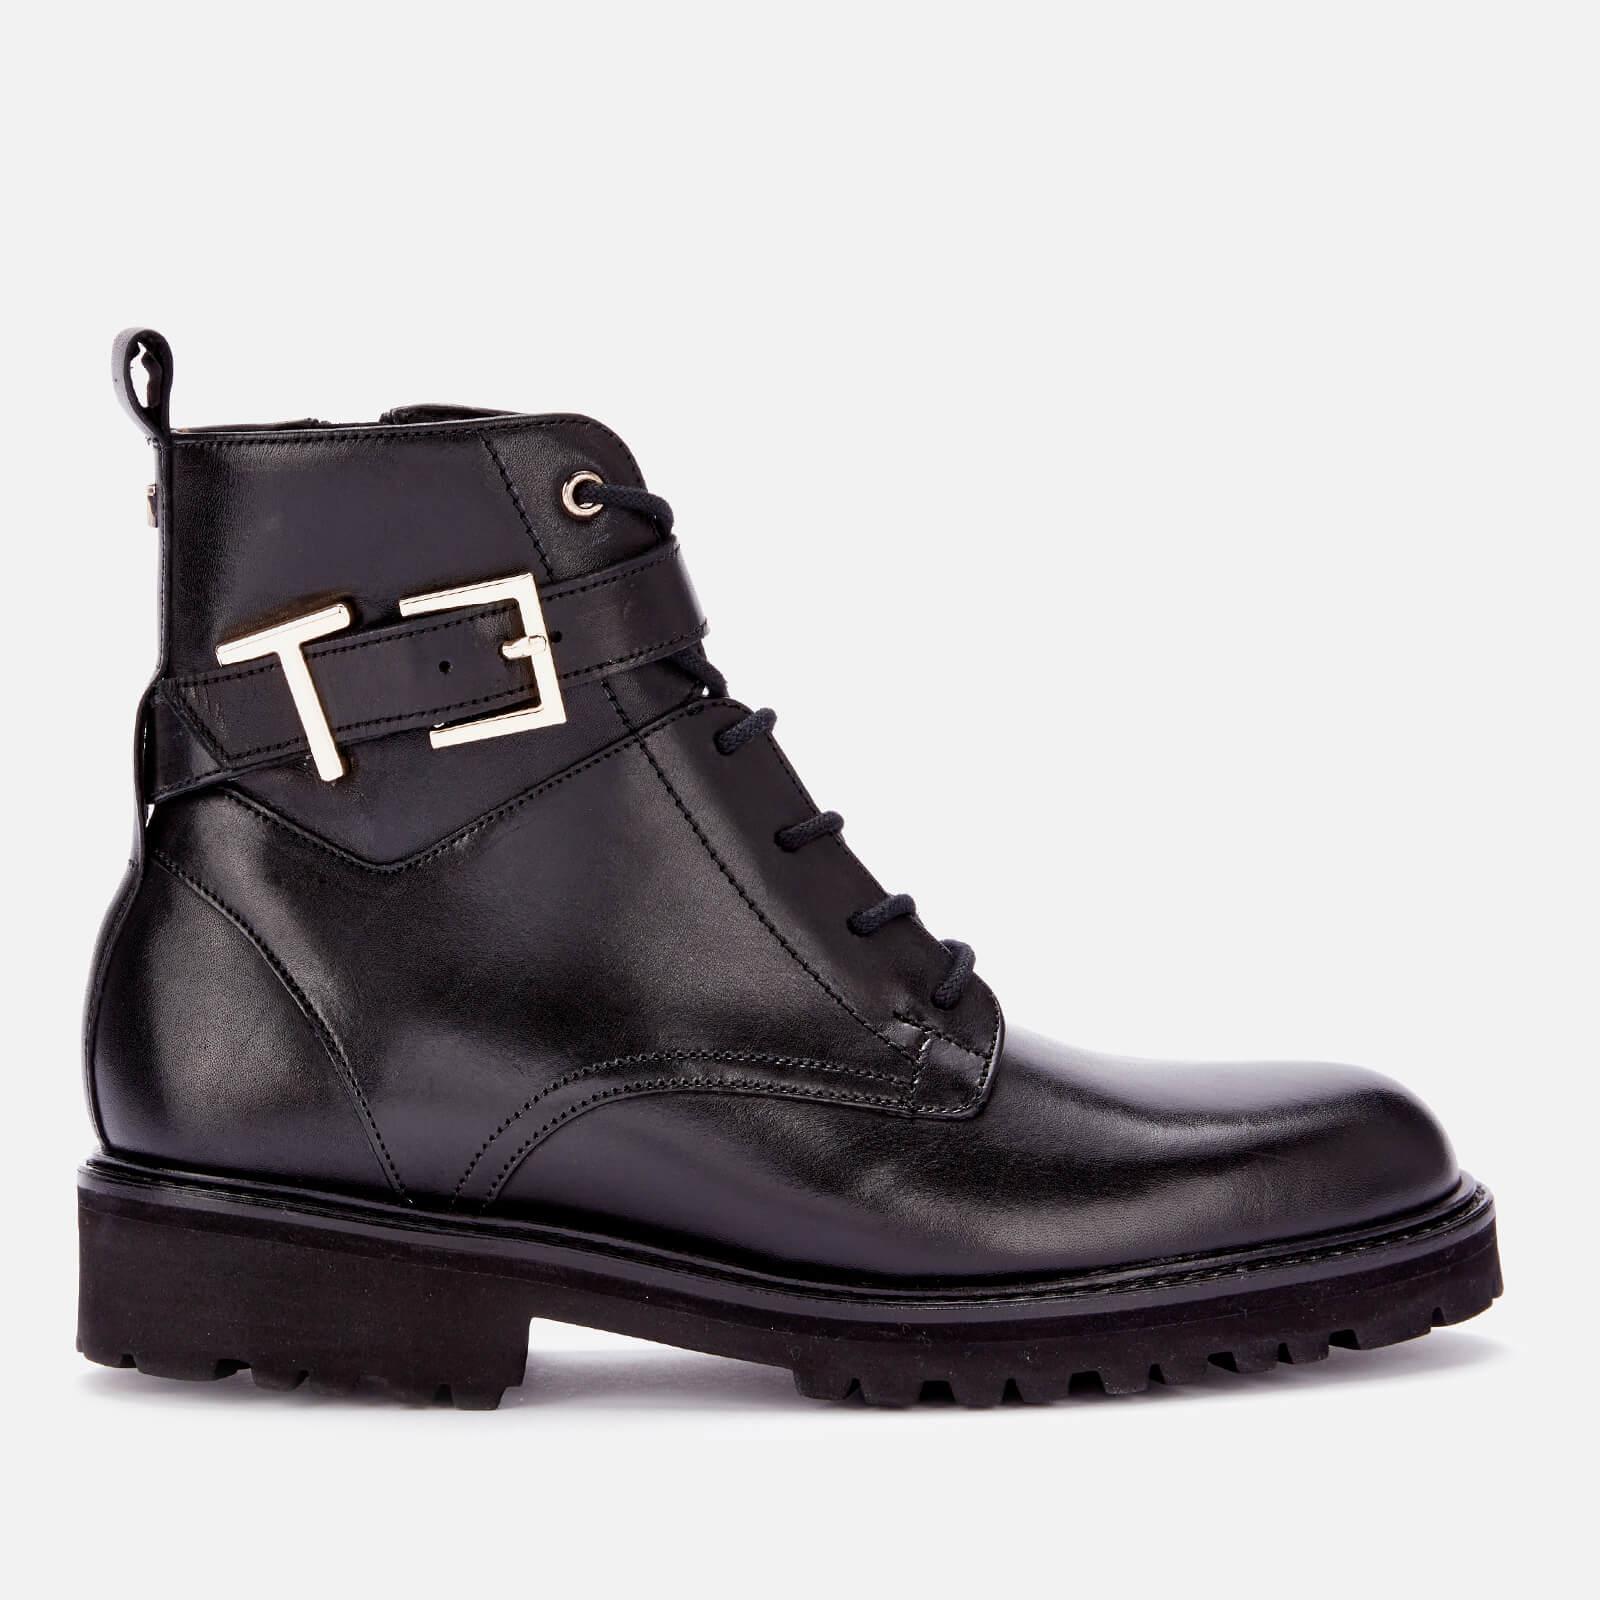 Ted Baker Women's Raign T Biker Boots - Black - Uk 6